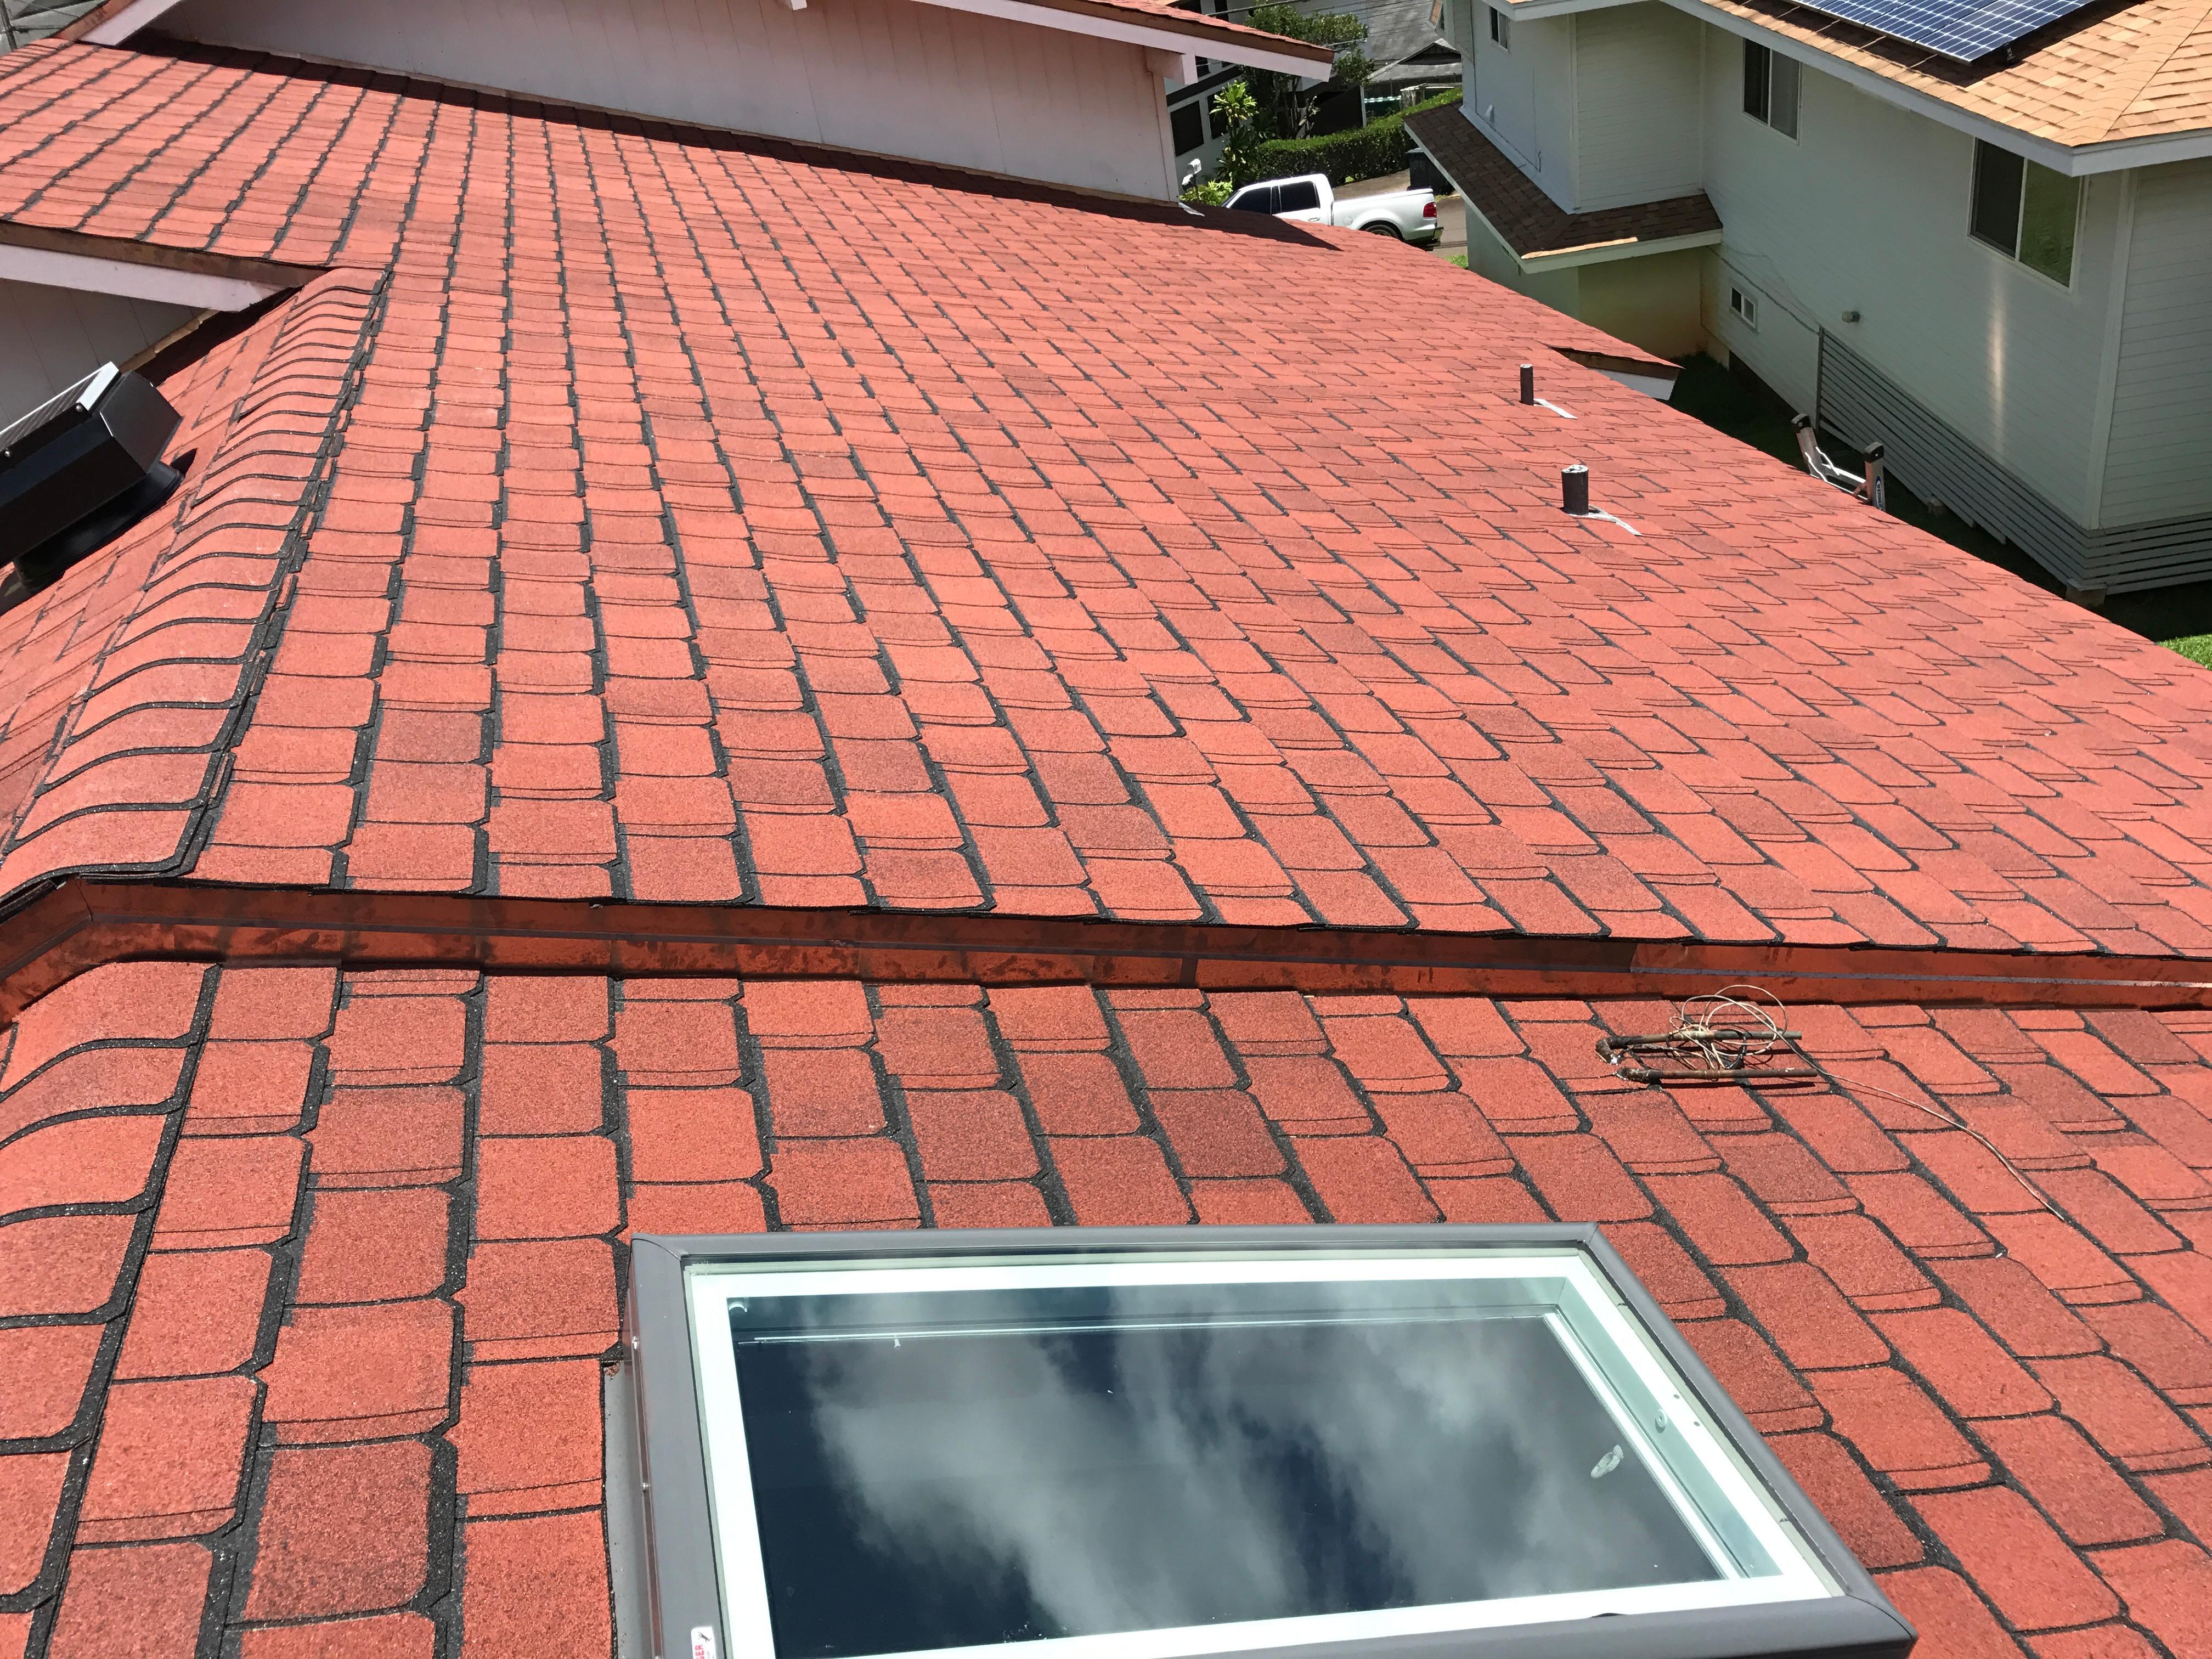 Heritage Roofing & Waterproofing Inc image 6